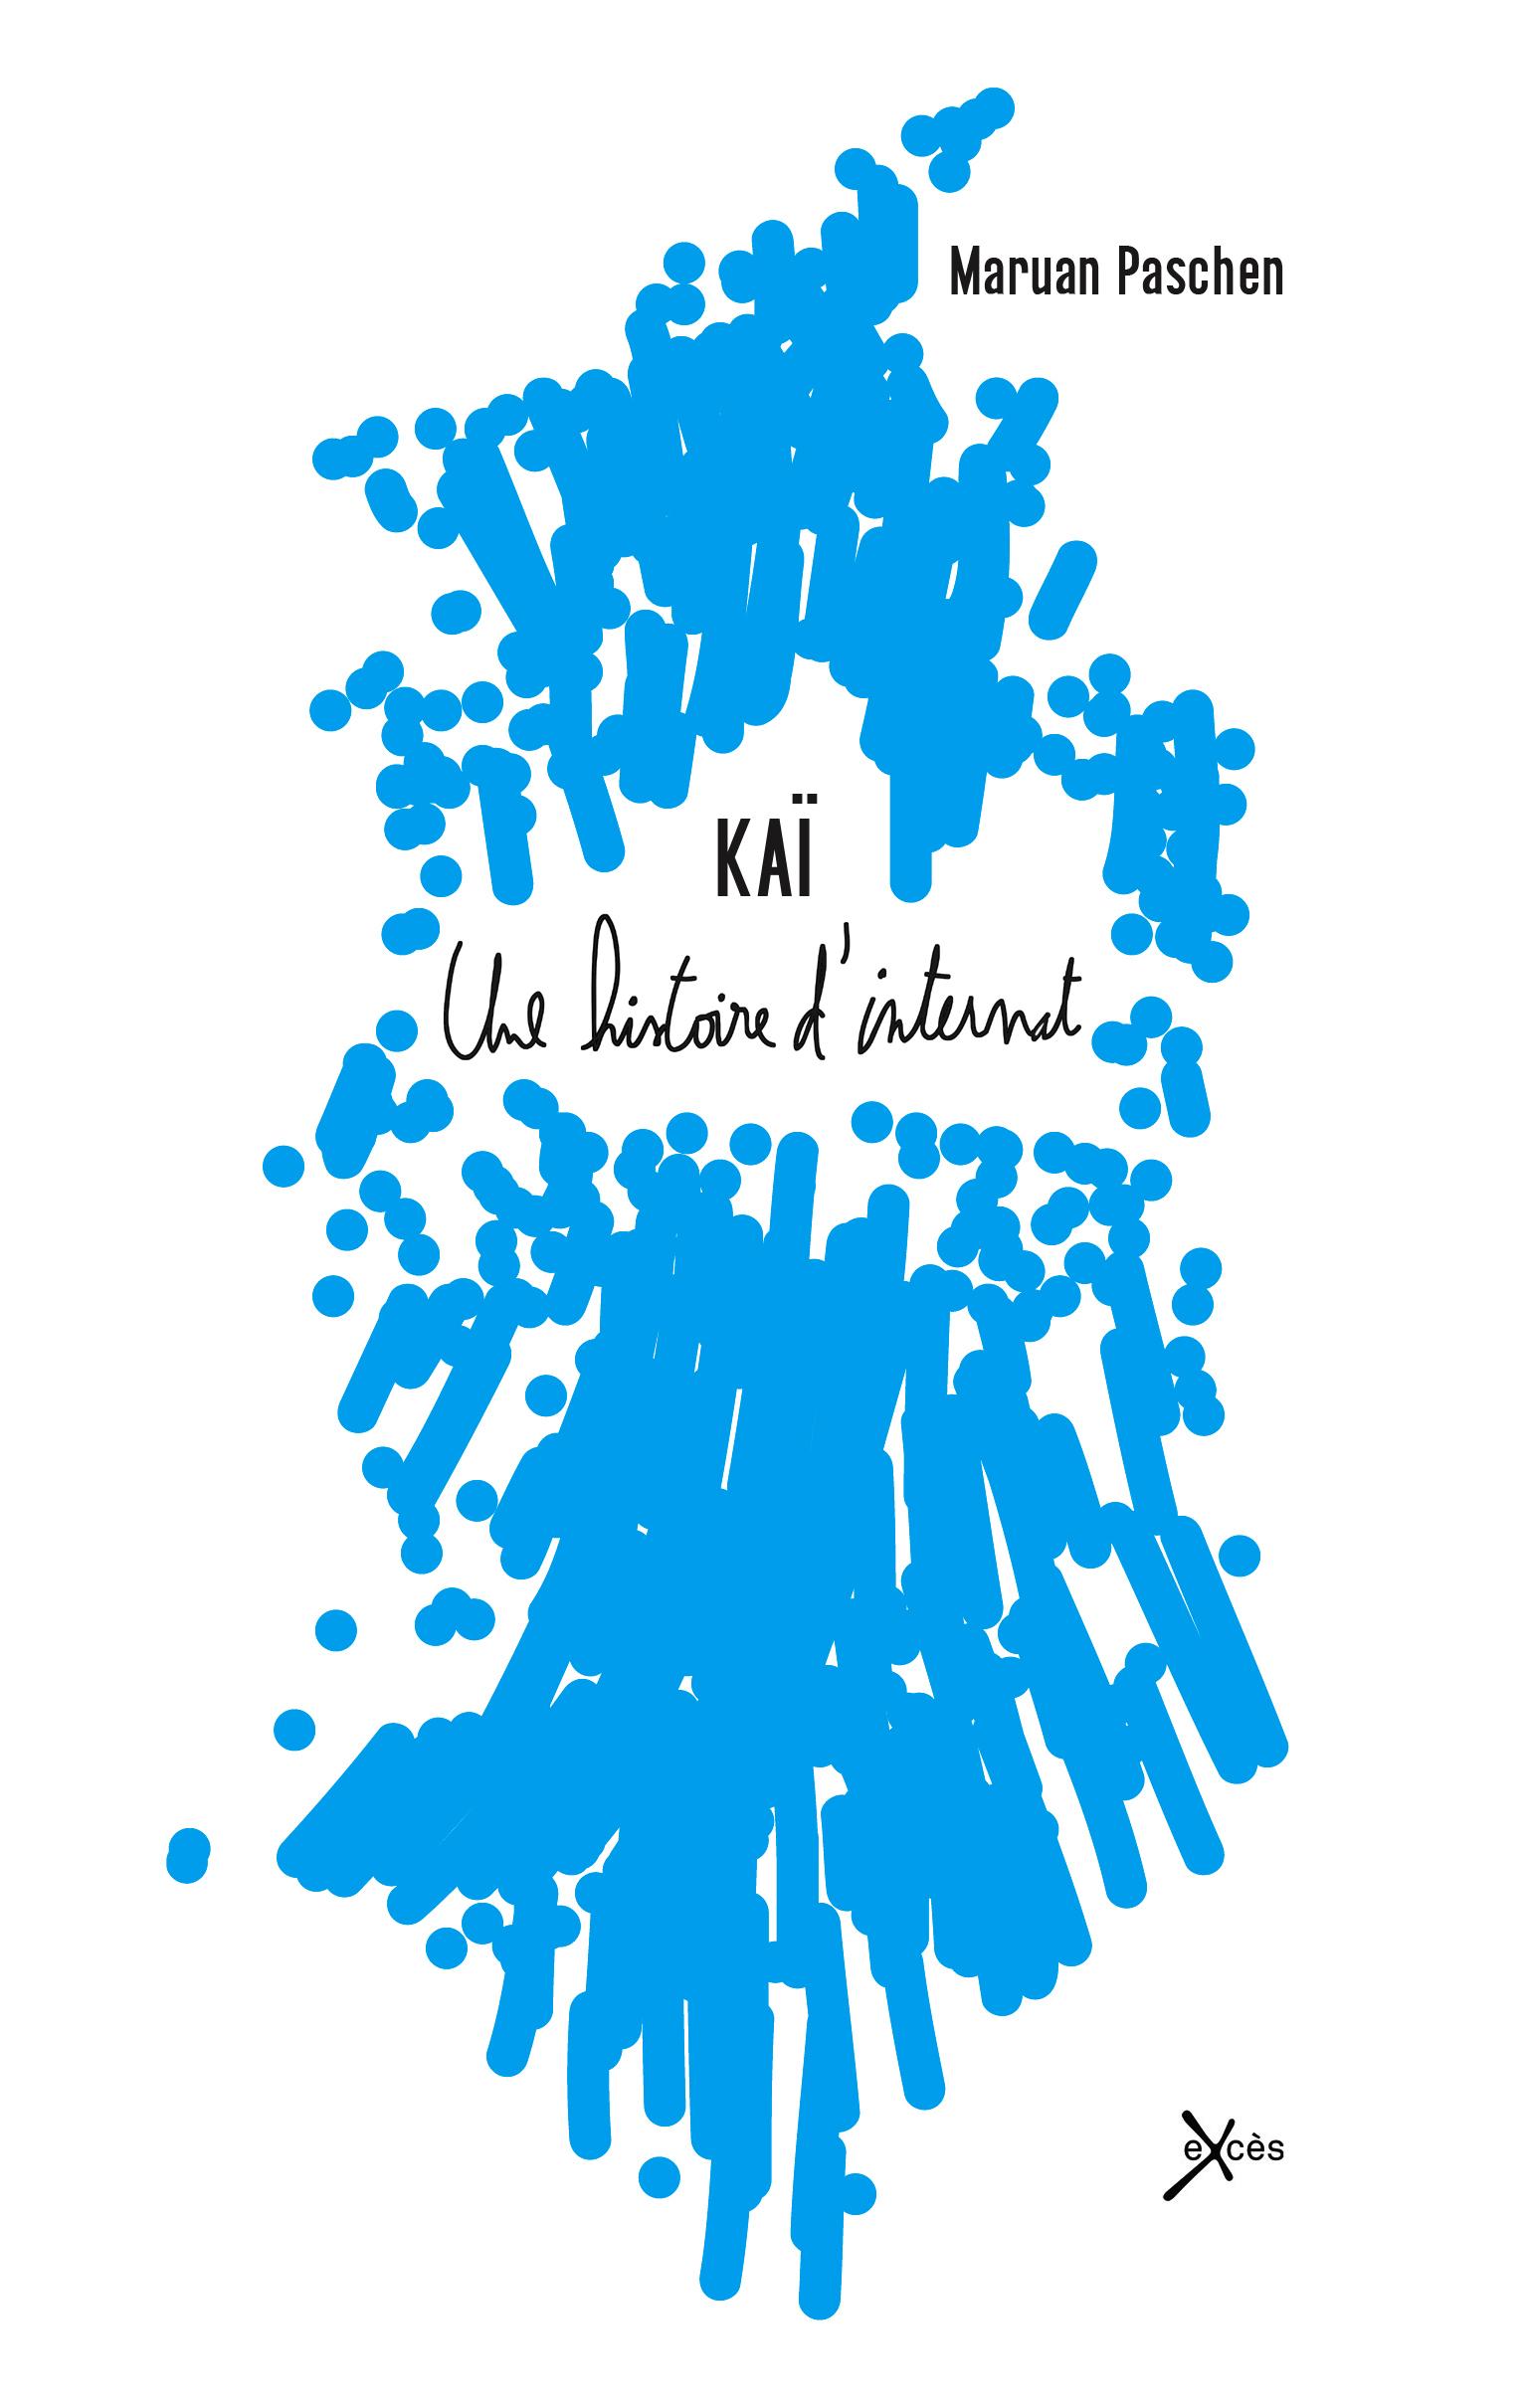 KAI. UNE HISTOIRE D'INTERNAT